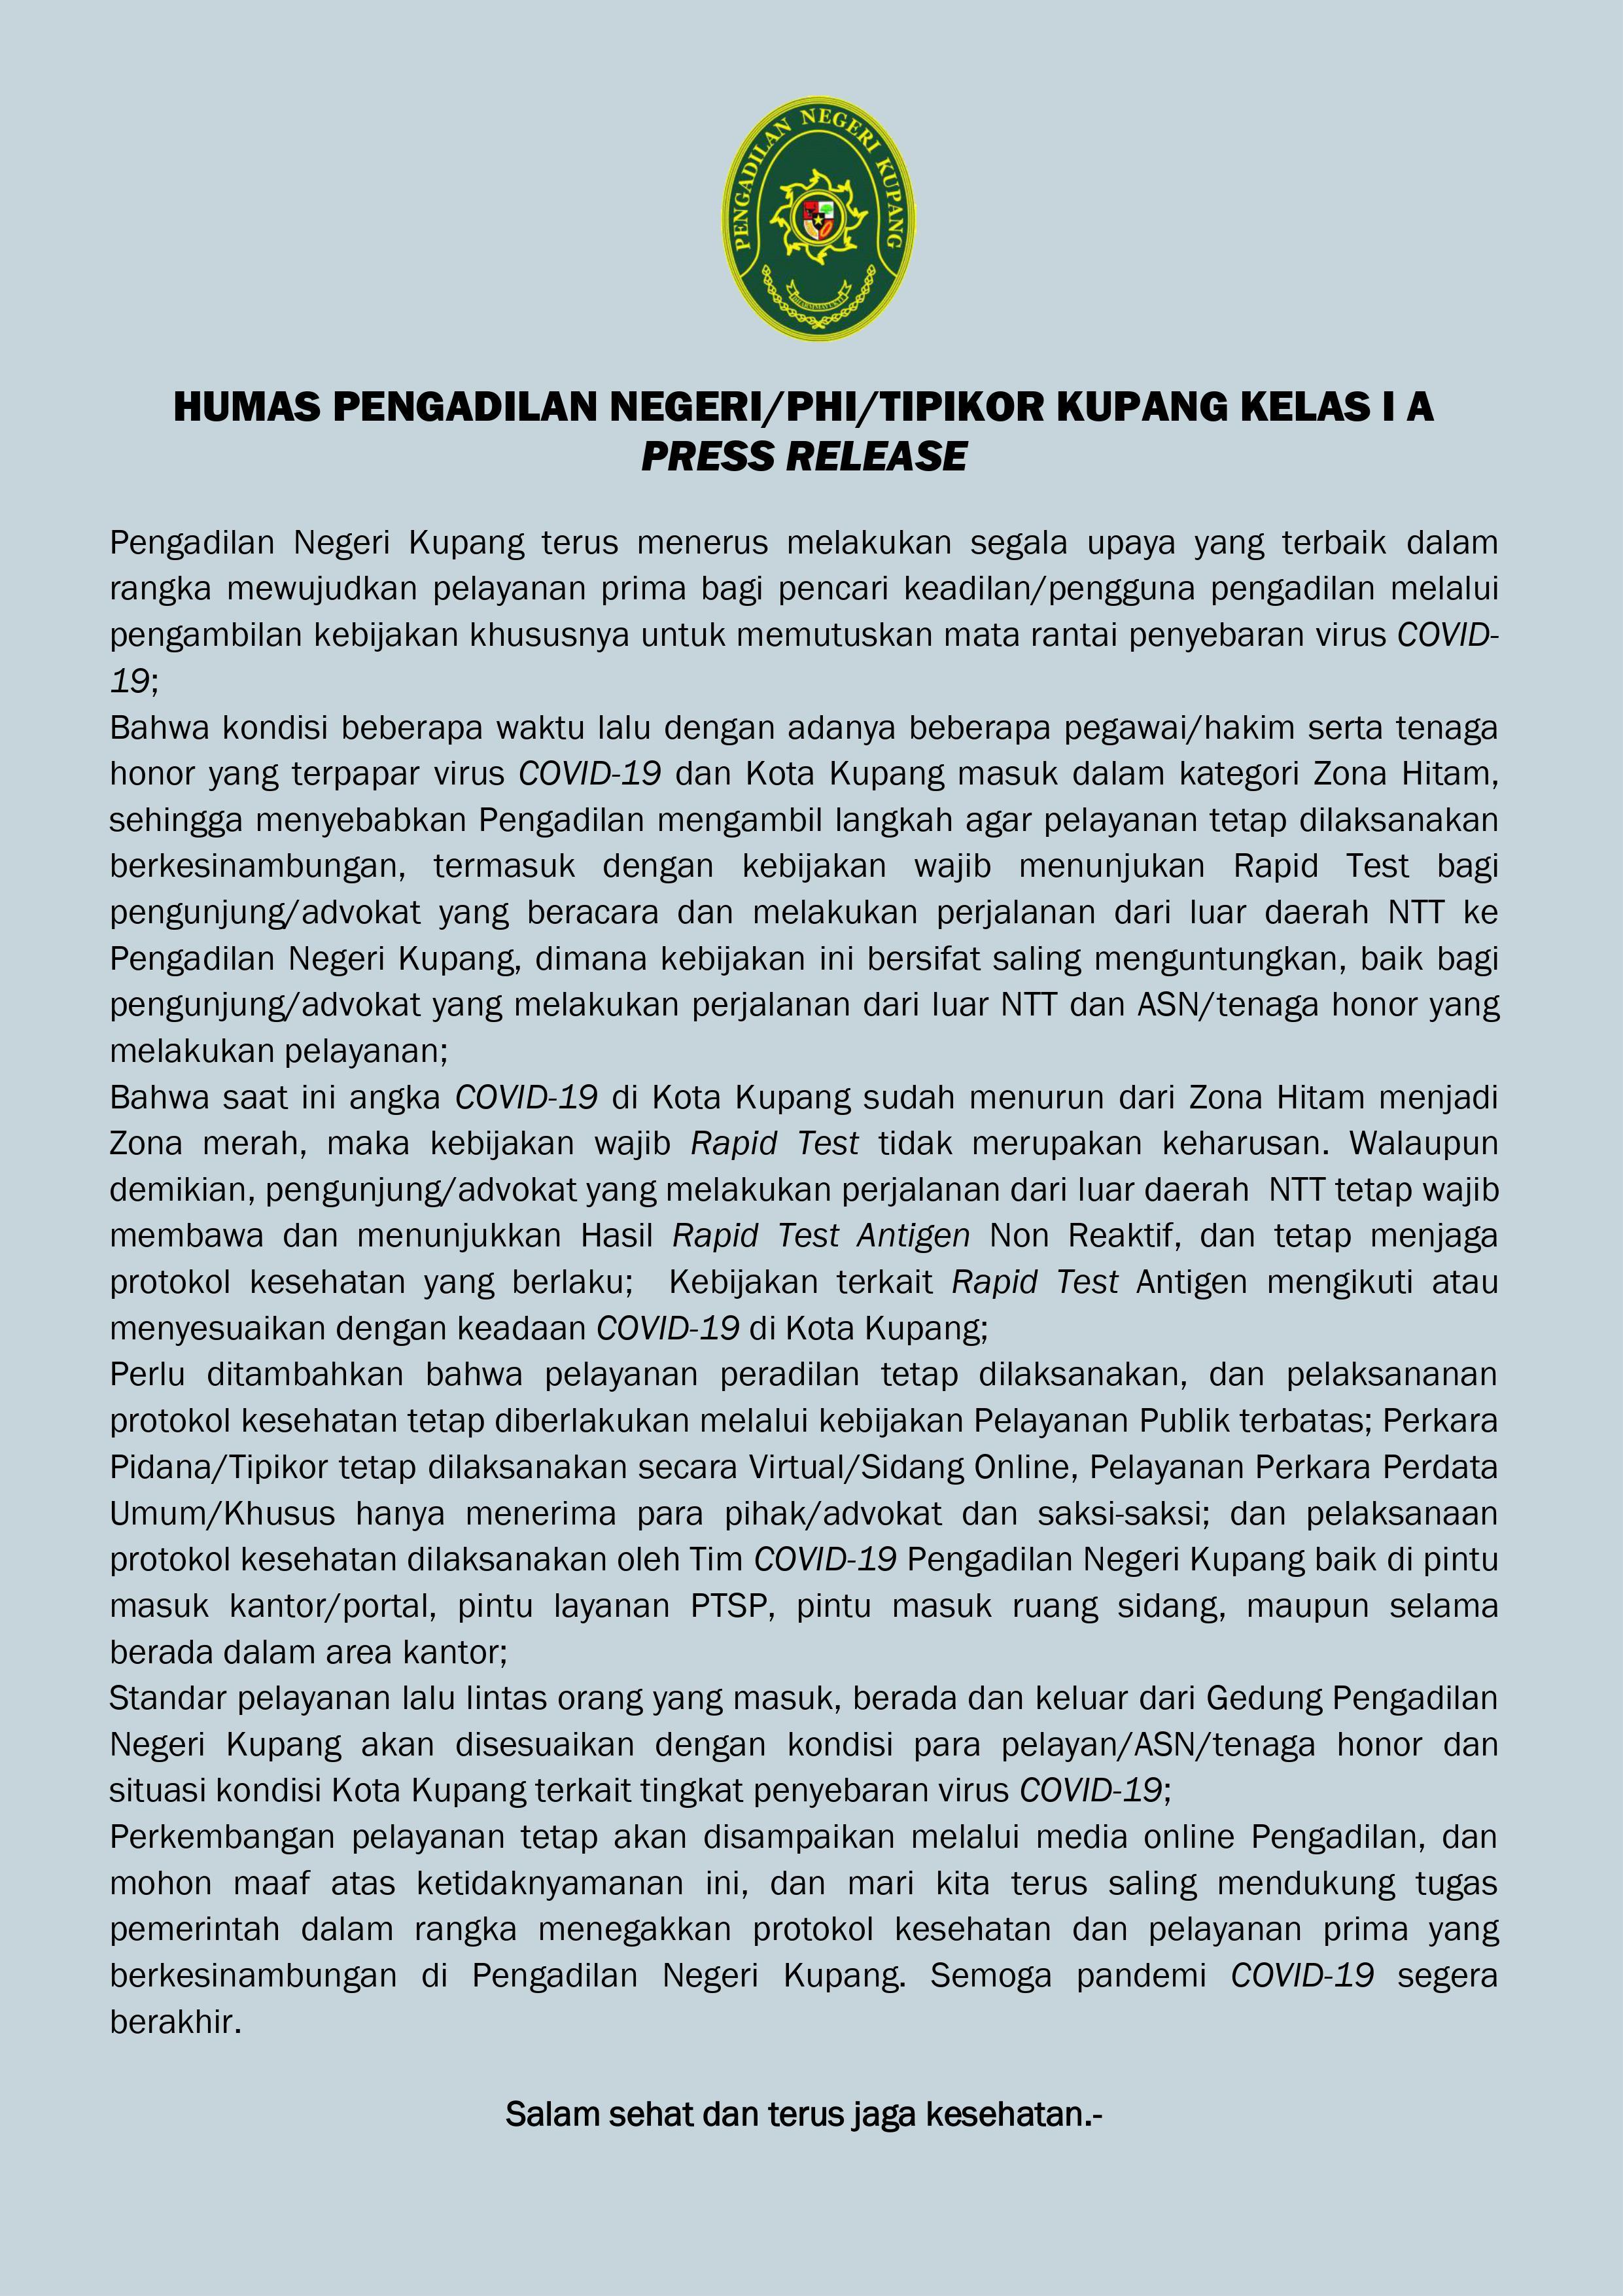 Press Release Humas Pengadilan Negeri Kupang